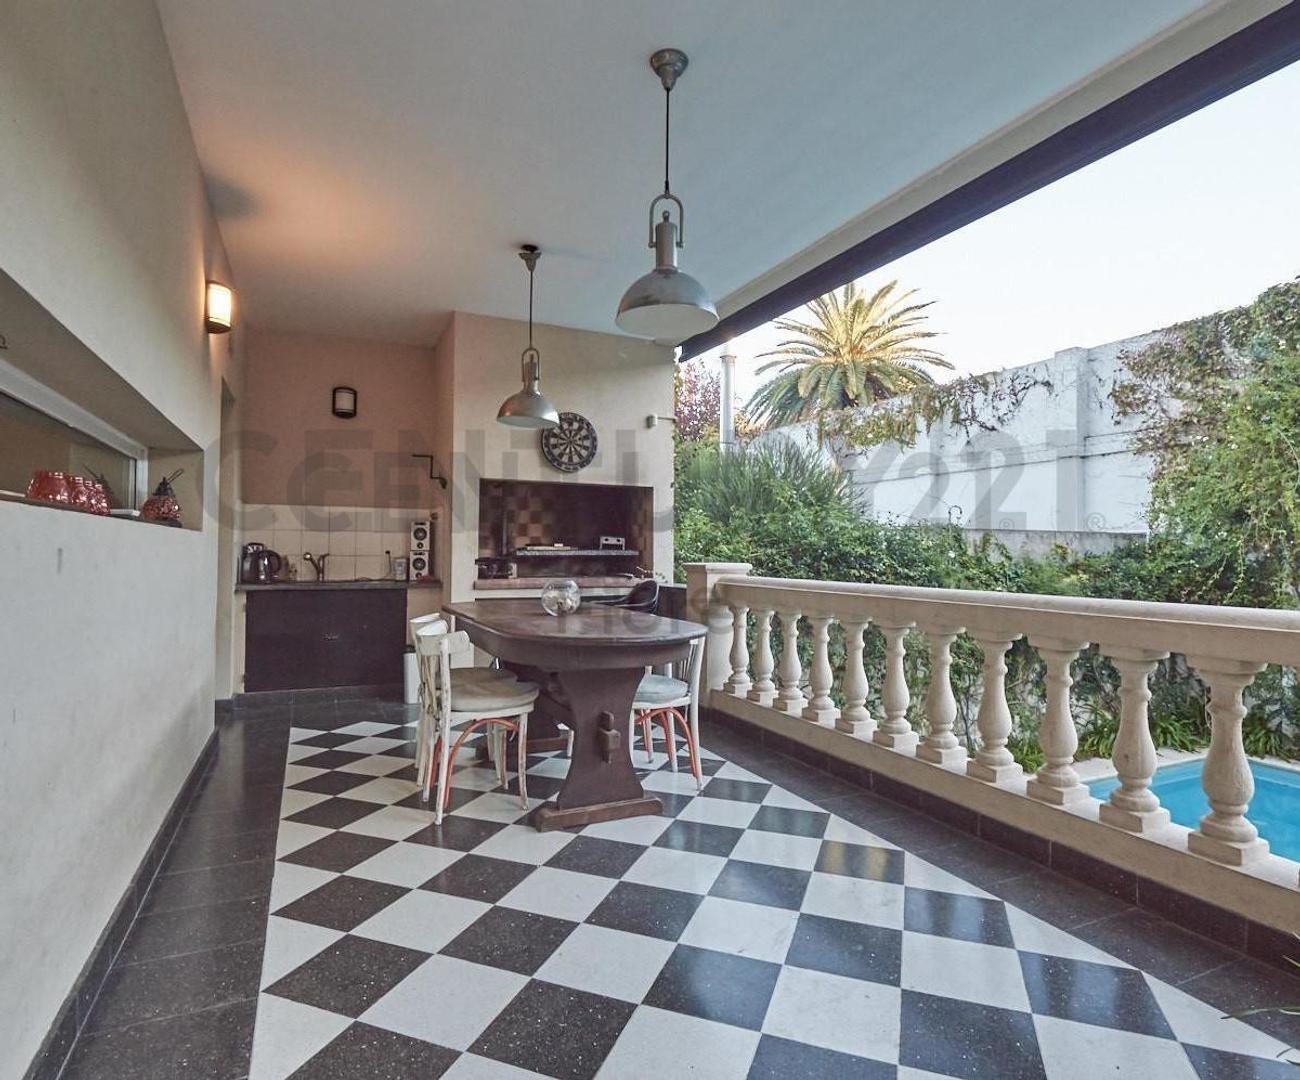 Venta Impactante Casa 5 Ambientes con Pileta Galeria y Dependencia en Olivos - Foto 22